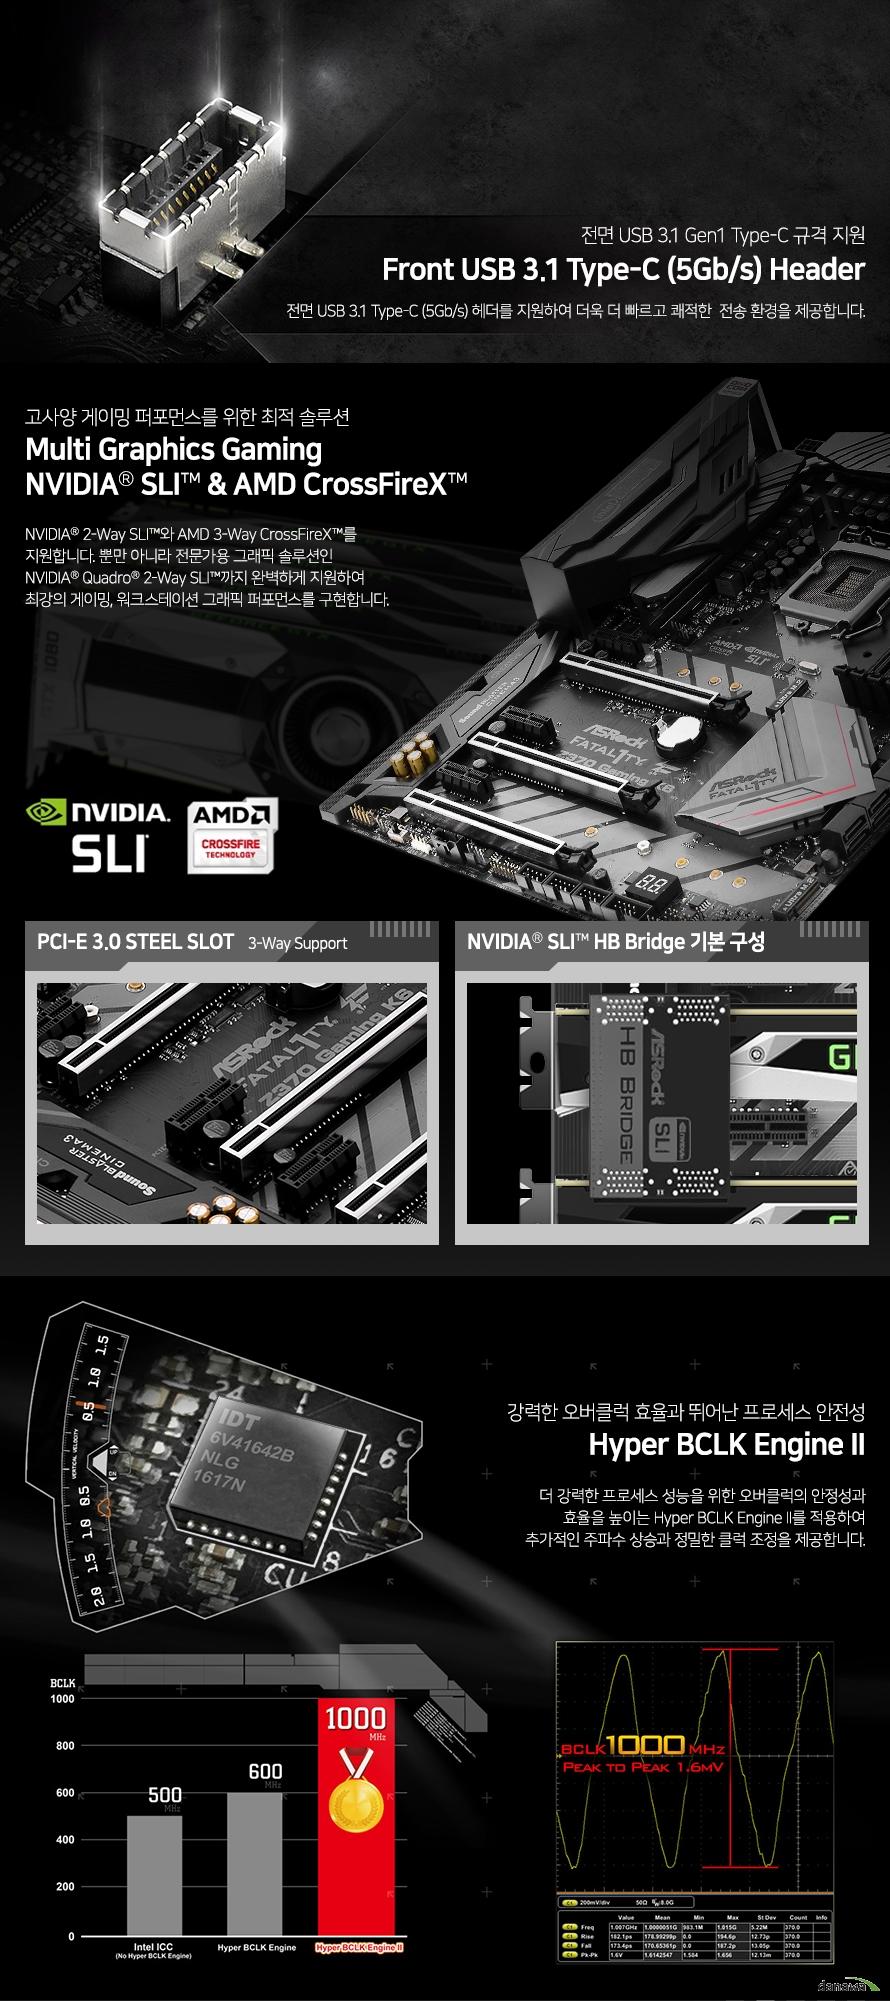 전면 usb 3.1 gen1 type c 규격 지원 전면 usb 3.1 type c 헤더를 지원하여 더욱 더 빠르고 쾌적한 전송환경을 제공합니다.     고사양 게이밍 퍼포먼스를 위한 최적 솔루션 멀티 그래픽스 게이밍 NVIDIA SLI & AMD CrossFireX NVIDIA 2-Way SLI와 AMD 3-Way CrossFireX를 지원합니다.  뿐만 아니라 전문가용 그래픽 솔루션인 NVIDIA Quadro 2way sli 까지 완벽하게 지원하여 최강의 게이밍, 워크스테이션 그래픽 퍼포먼스를 구현합니다.  강력한 오버클럭 효율과 뛰어난 프로세스 안정성 하이퍼 bclk 엔진 2  더 강력한 프로세스 성능을 위한 오버클럭의 안정성과 효율을 높이는 하이퍼 bclk 엔진 2를 적용하여 추가적인 주파수 상승과 정밀한 클럭 조정을 제공합니다.